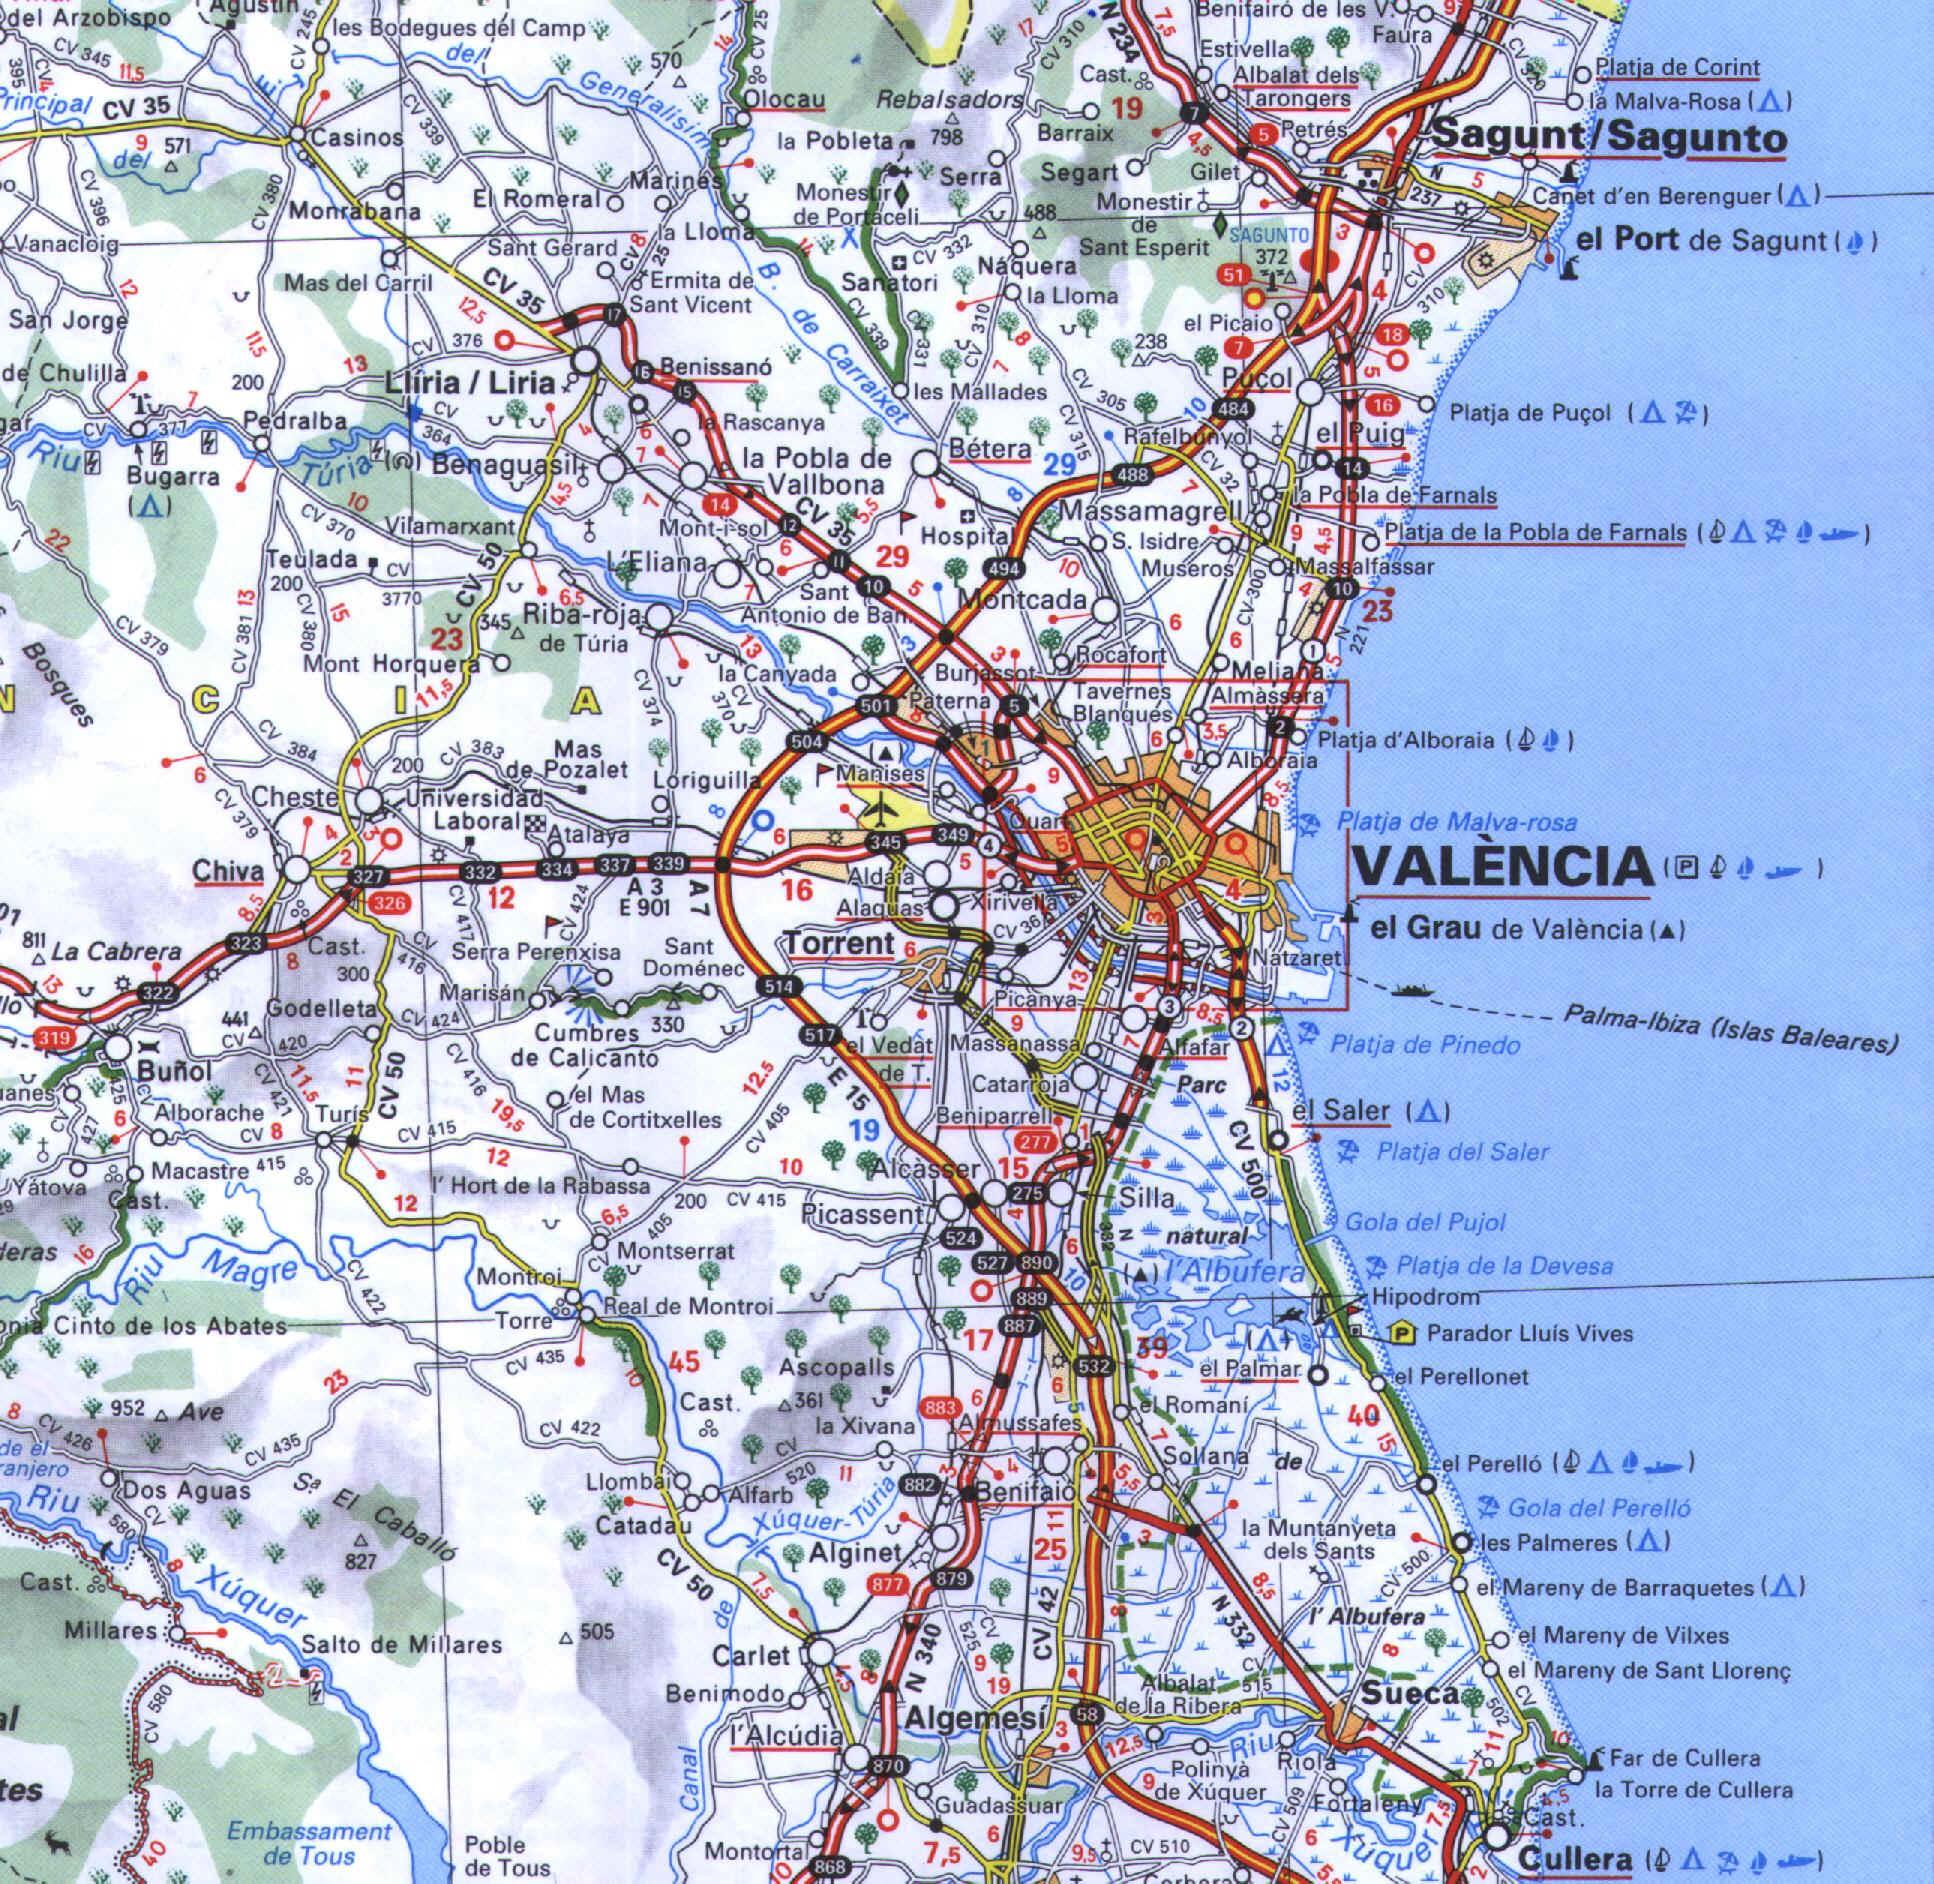 Mapa de acceso a Valencia